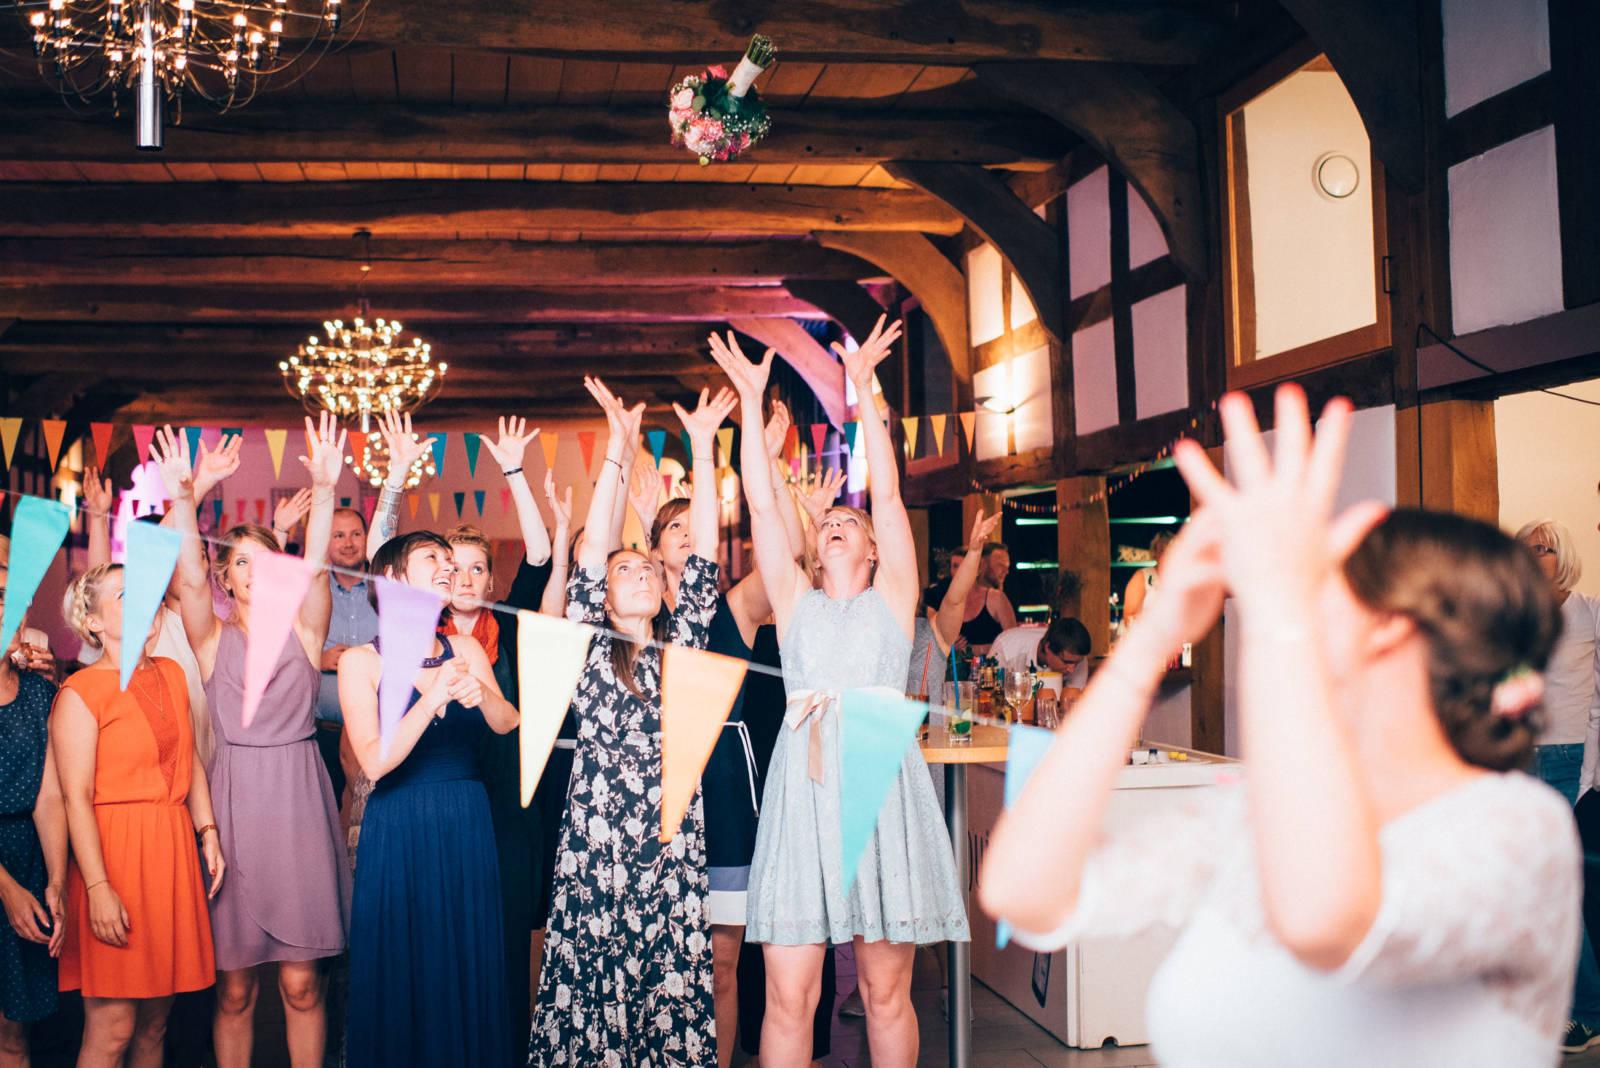 Hochzeitsfotograf Stuttgart Favoriten Hochzeitsbilder Galerie Favoriten Wedding Photographer Stuttgart Bruno Biermann-31